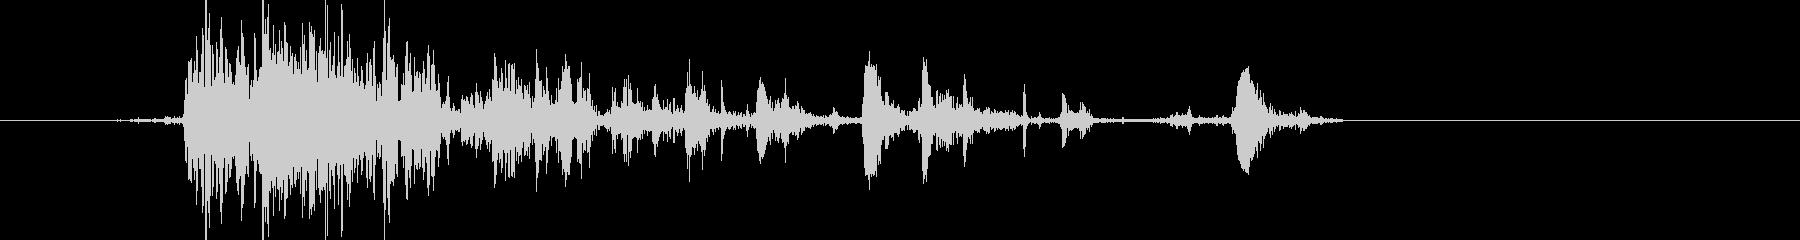 破壊する音01の未再生の波形